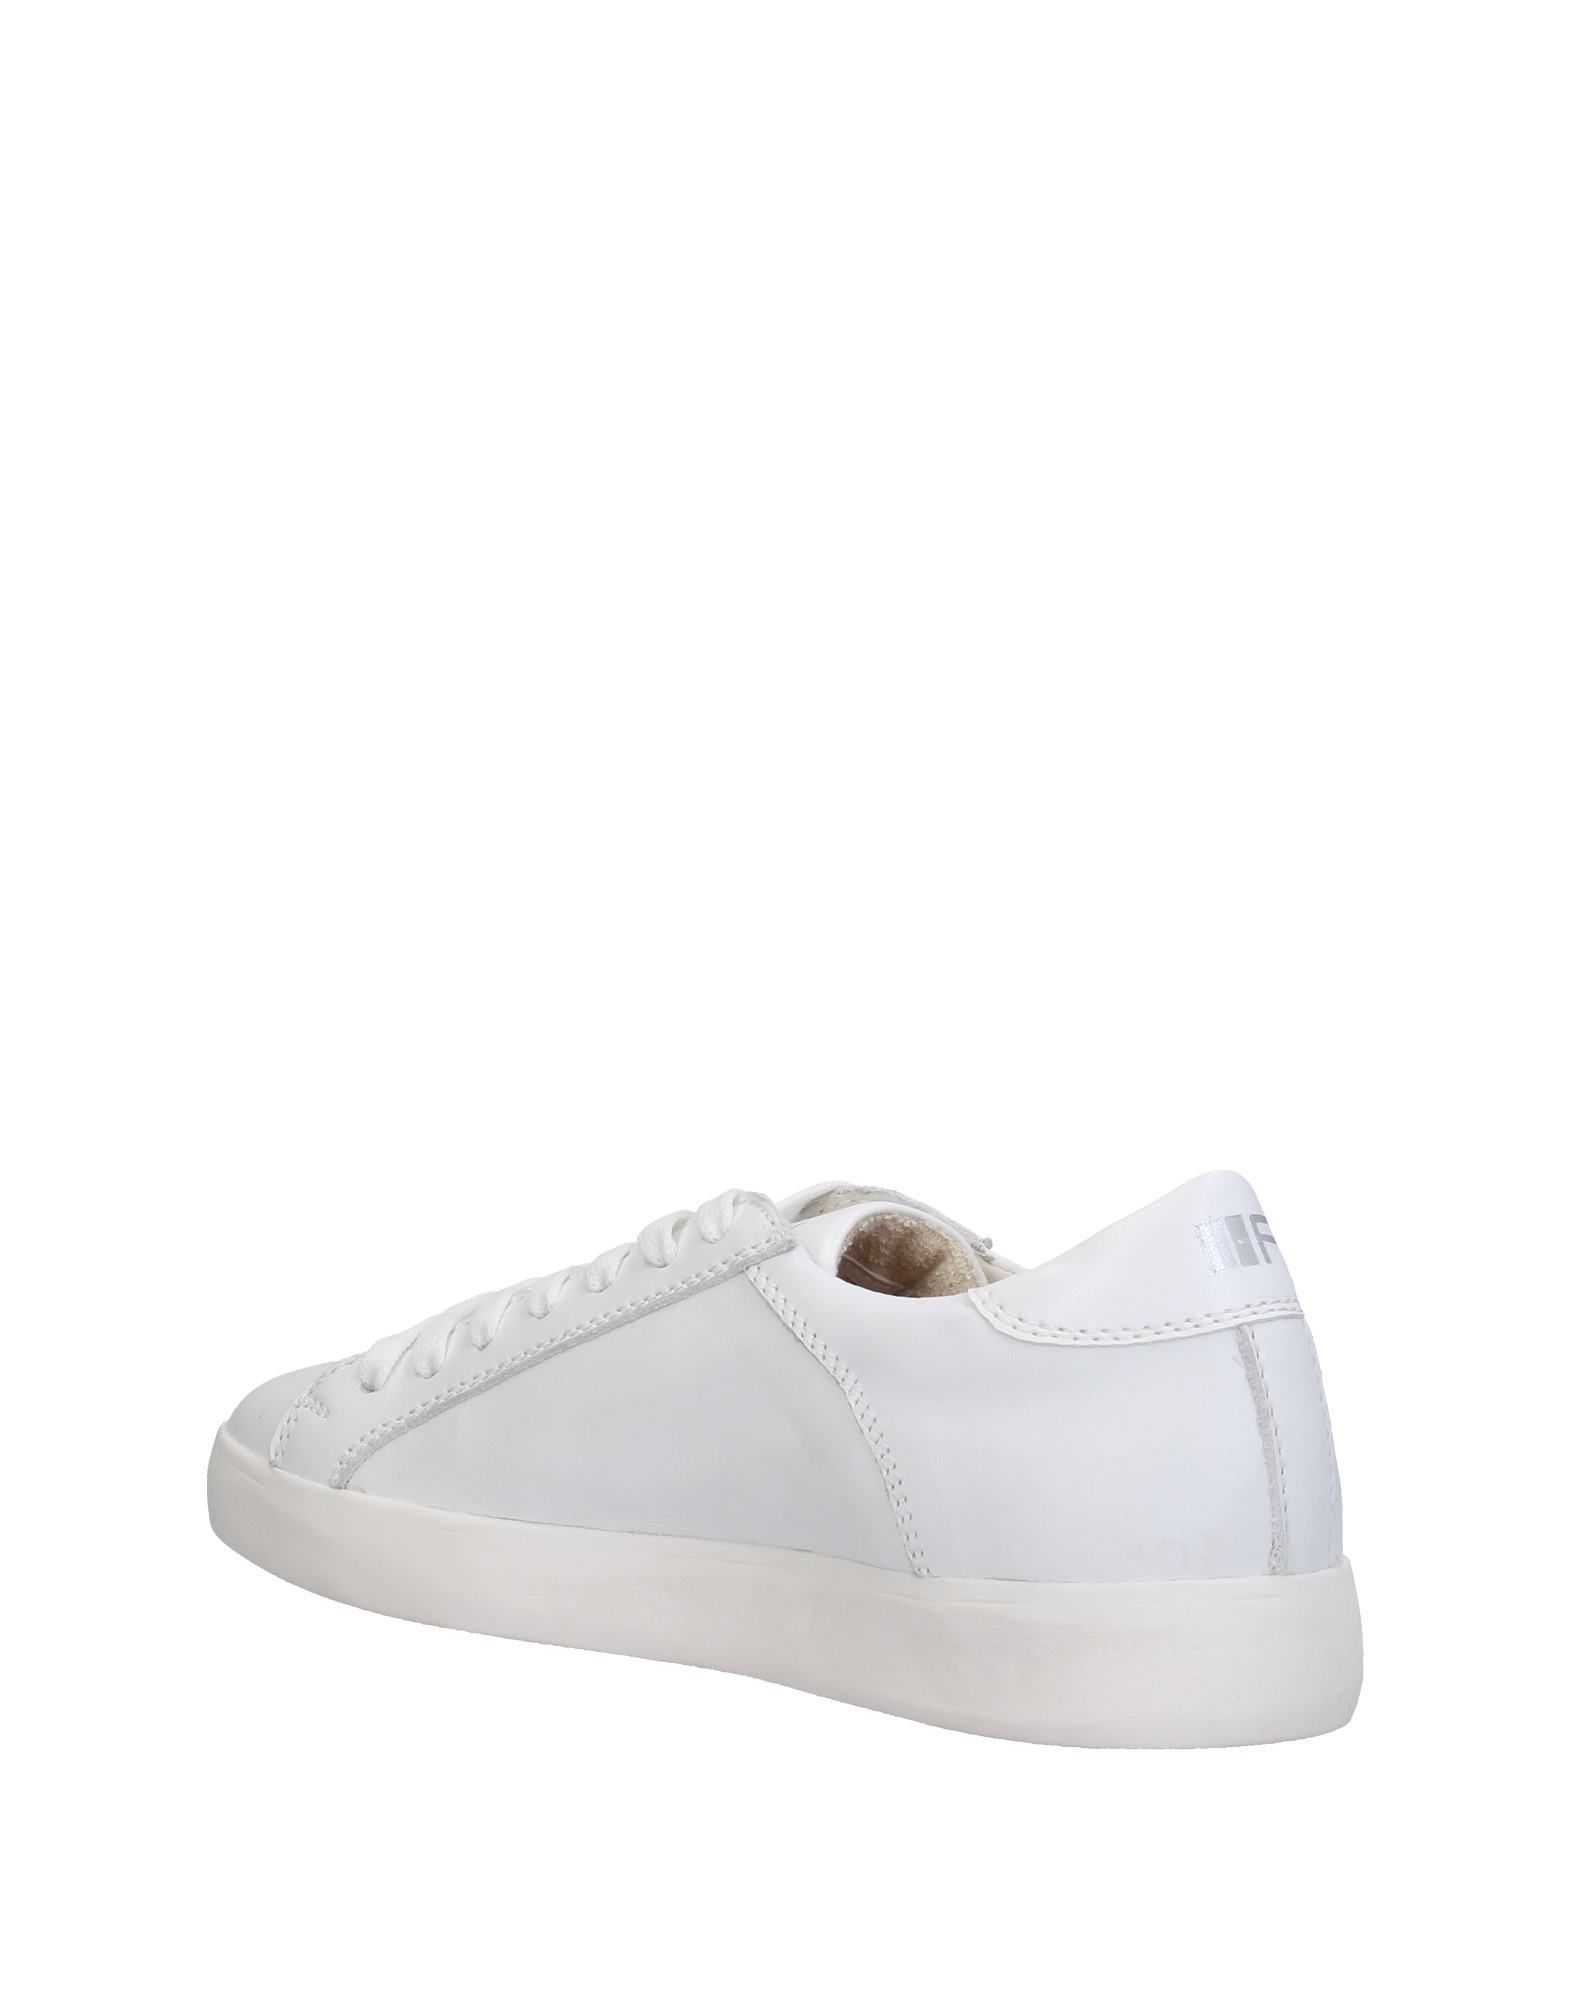 Flexa By Fratelli Rossetti Woman Low-tops & sneakers